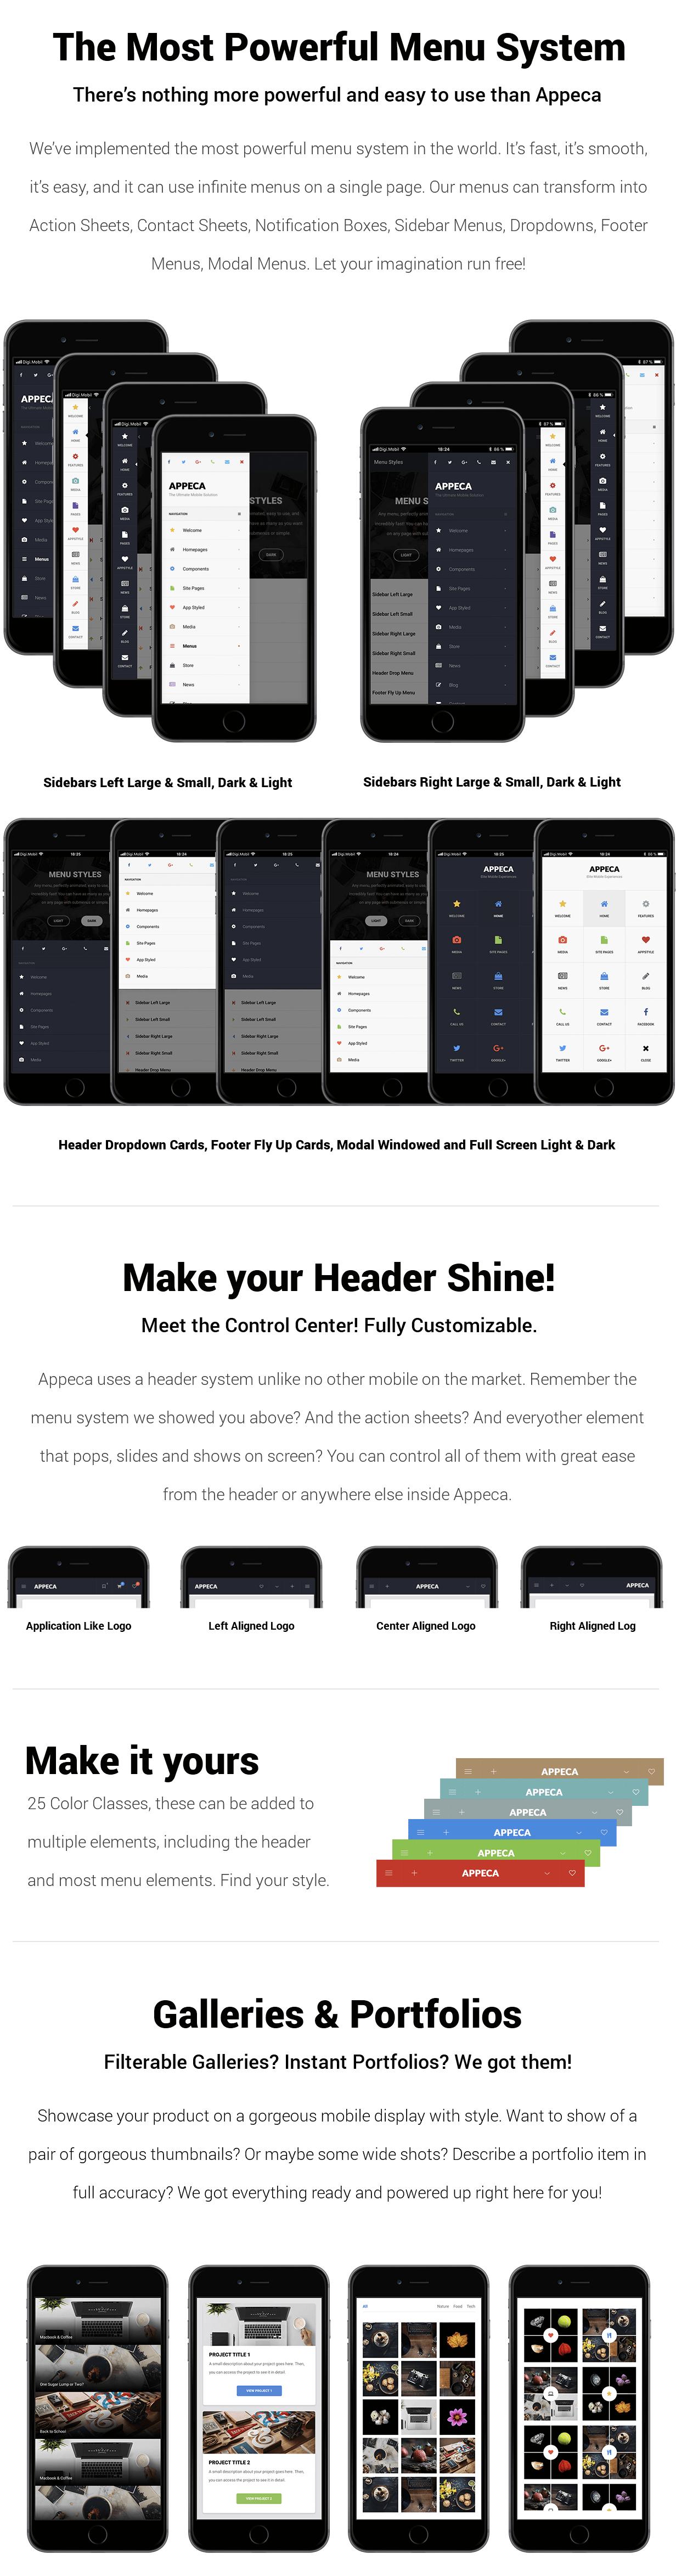 Appeca | PhoneGap & Cordova Mobile App - 11